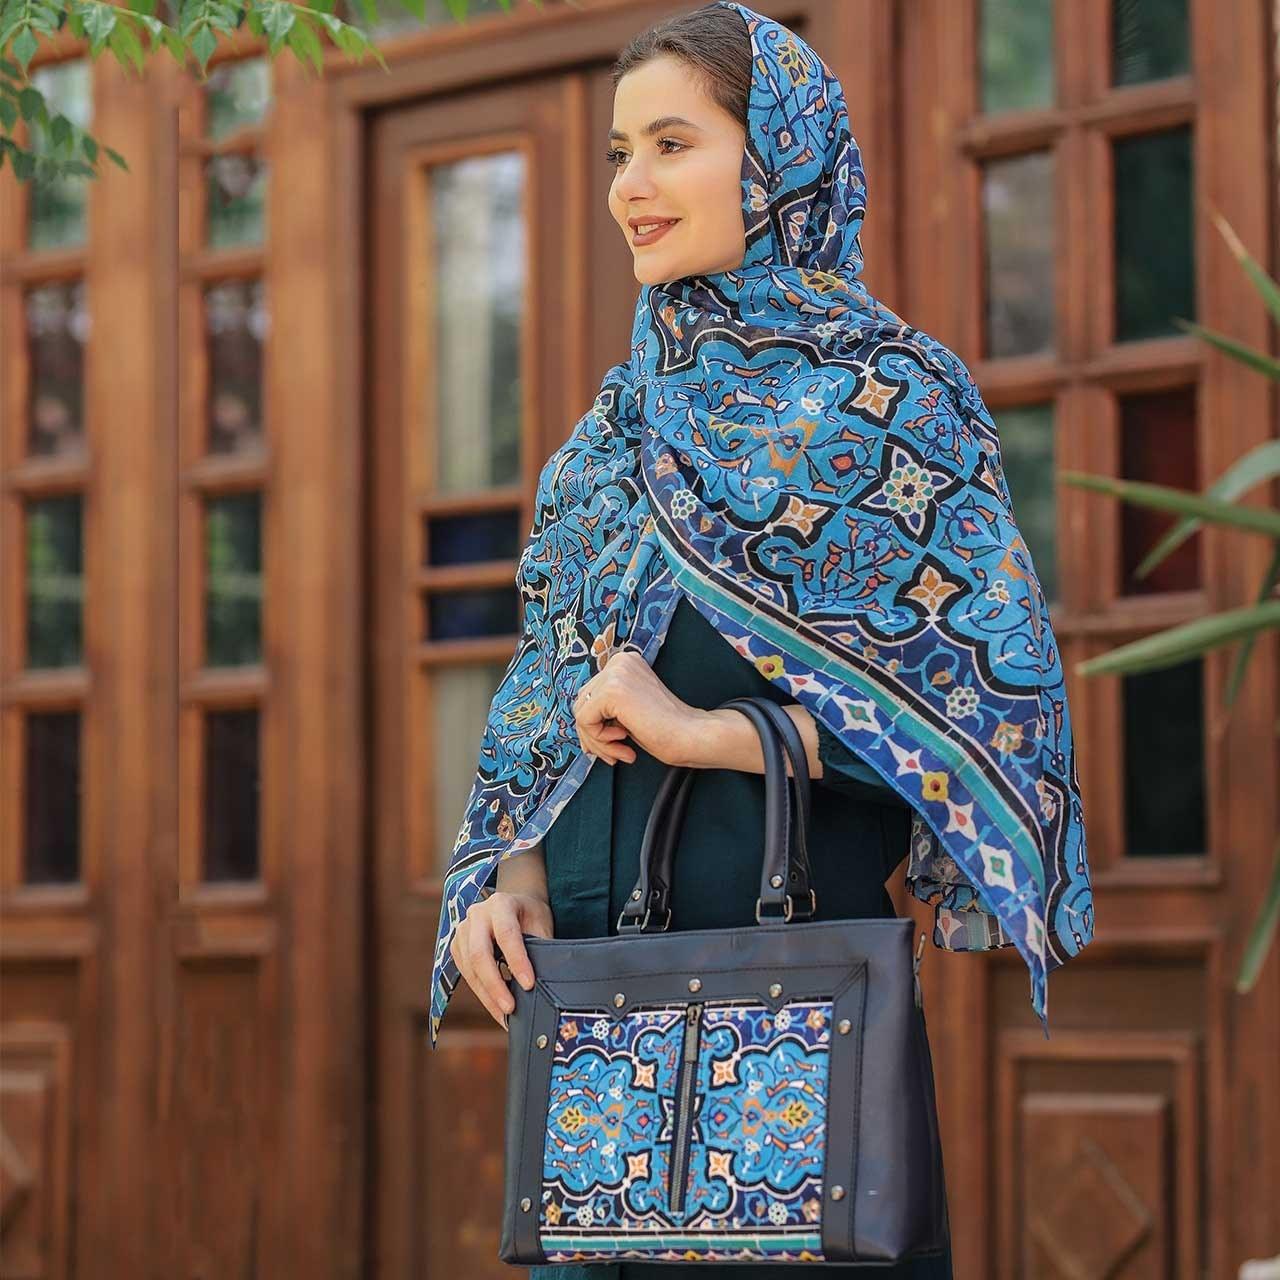 تصویر ست کیف و شال زنانه باران کد 06 ا Baran Women  Bag  and  Shawl  Set Code 06 Baran Women  Bag  and  Shawl  Set Code 06